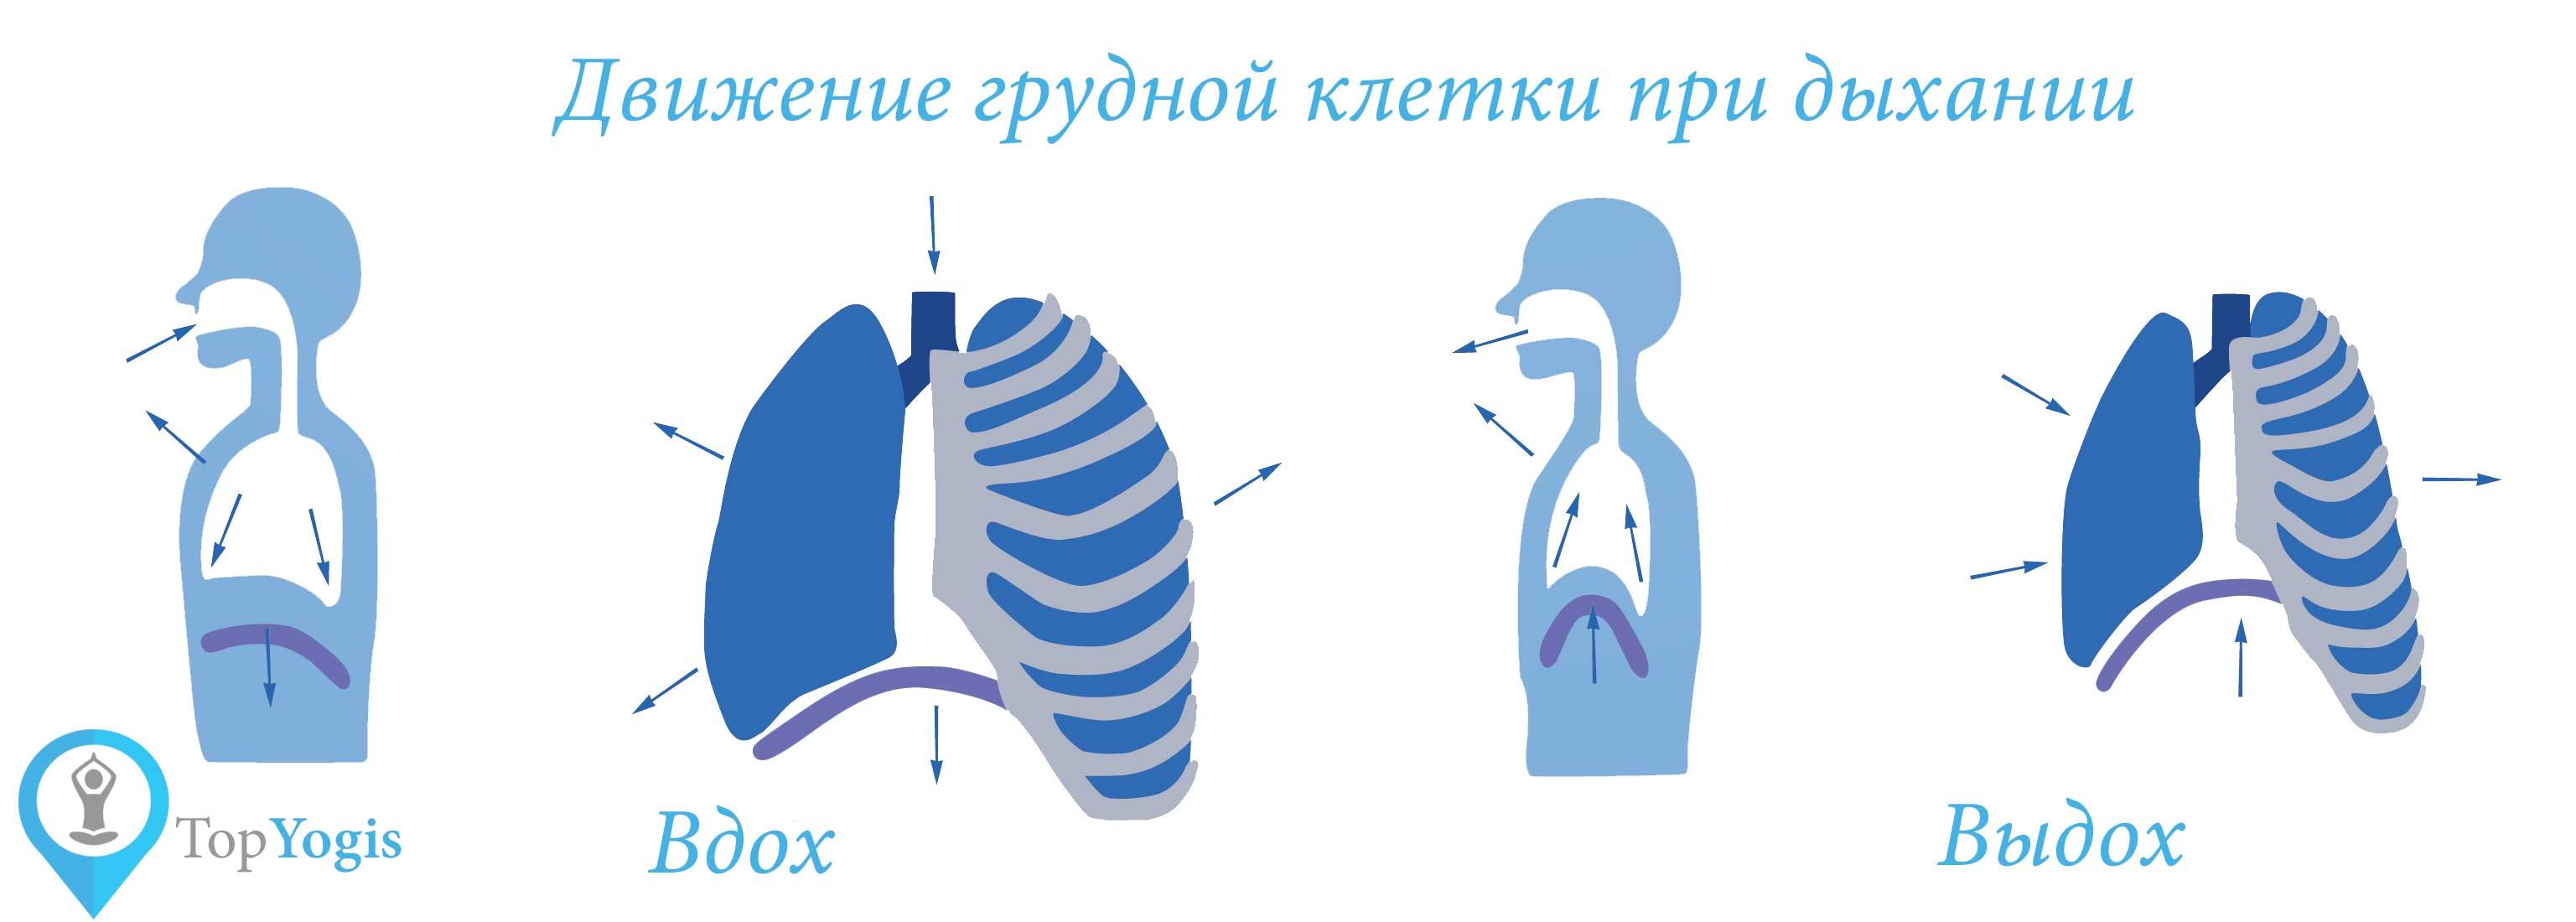 Как дышать и стоит ли менять привычное дыхание?